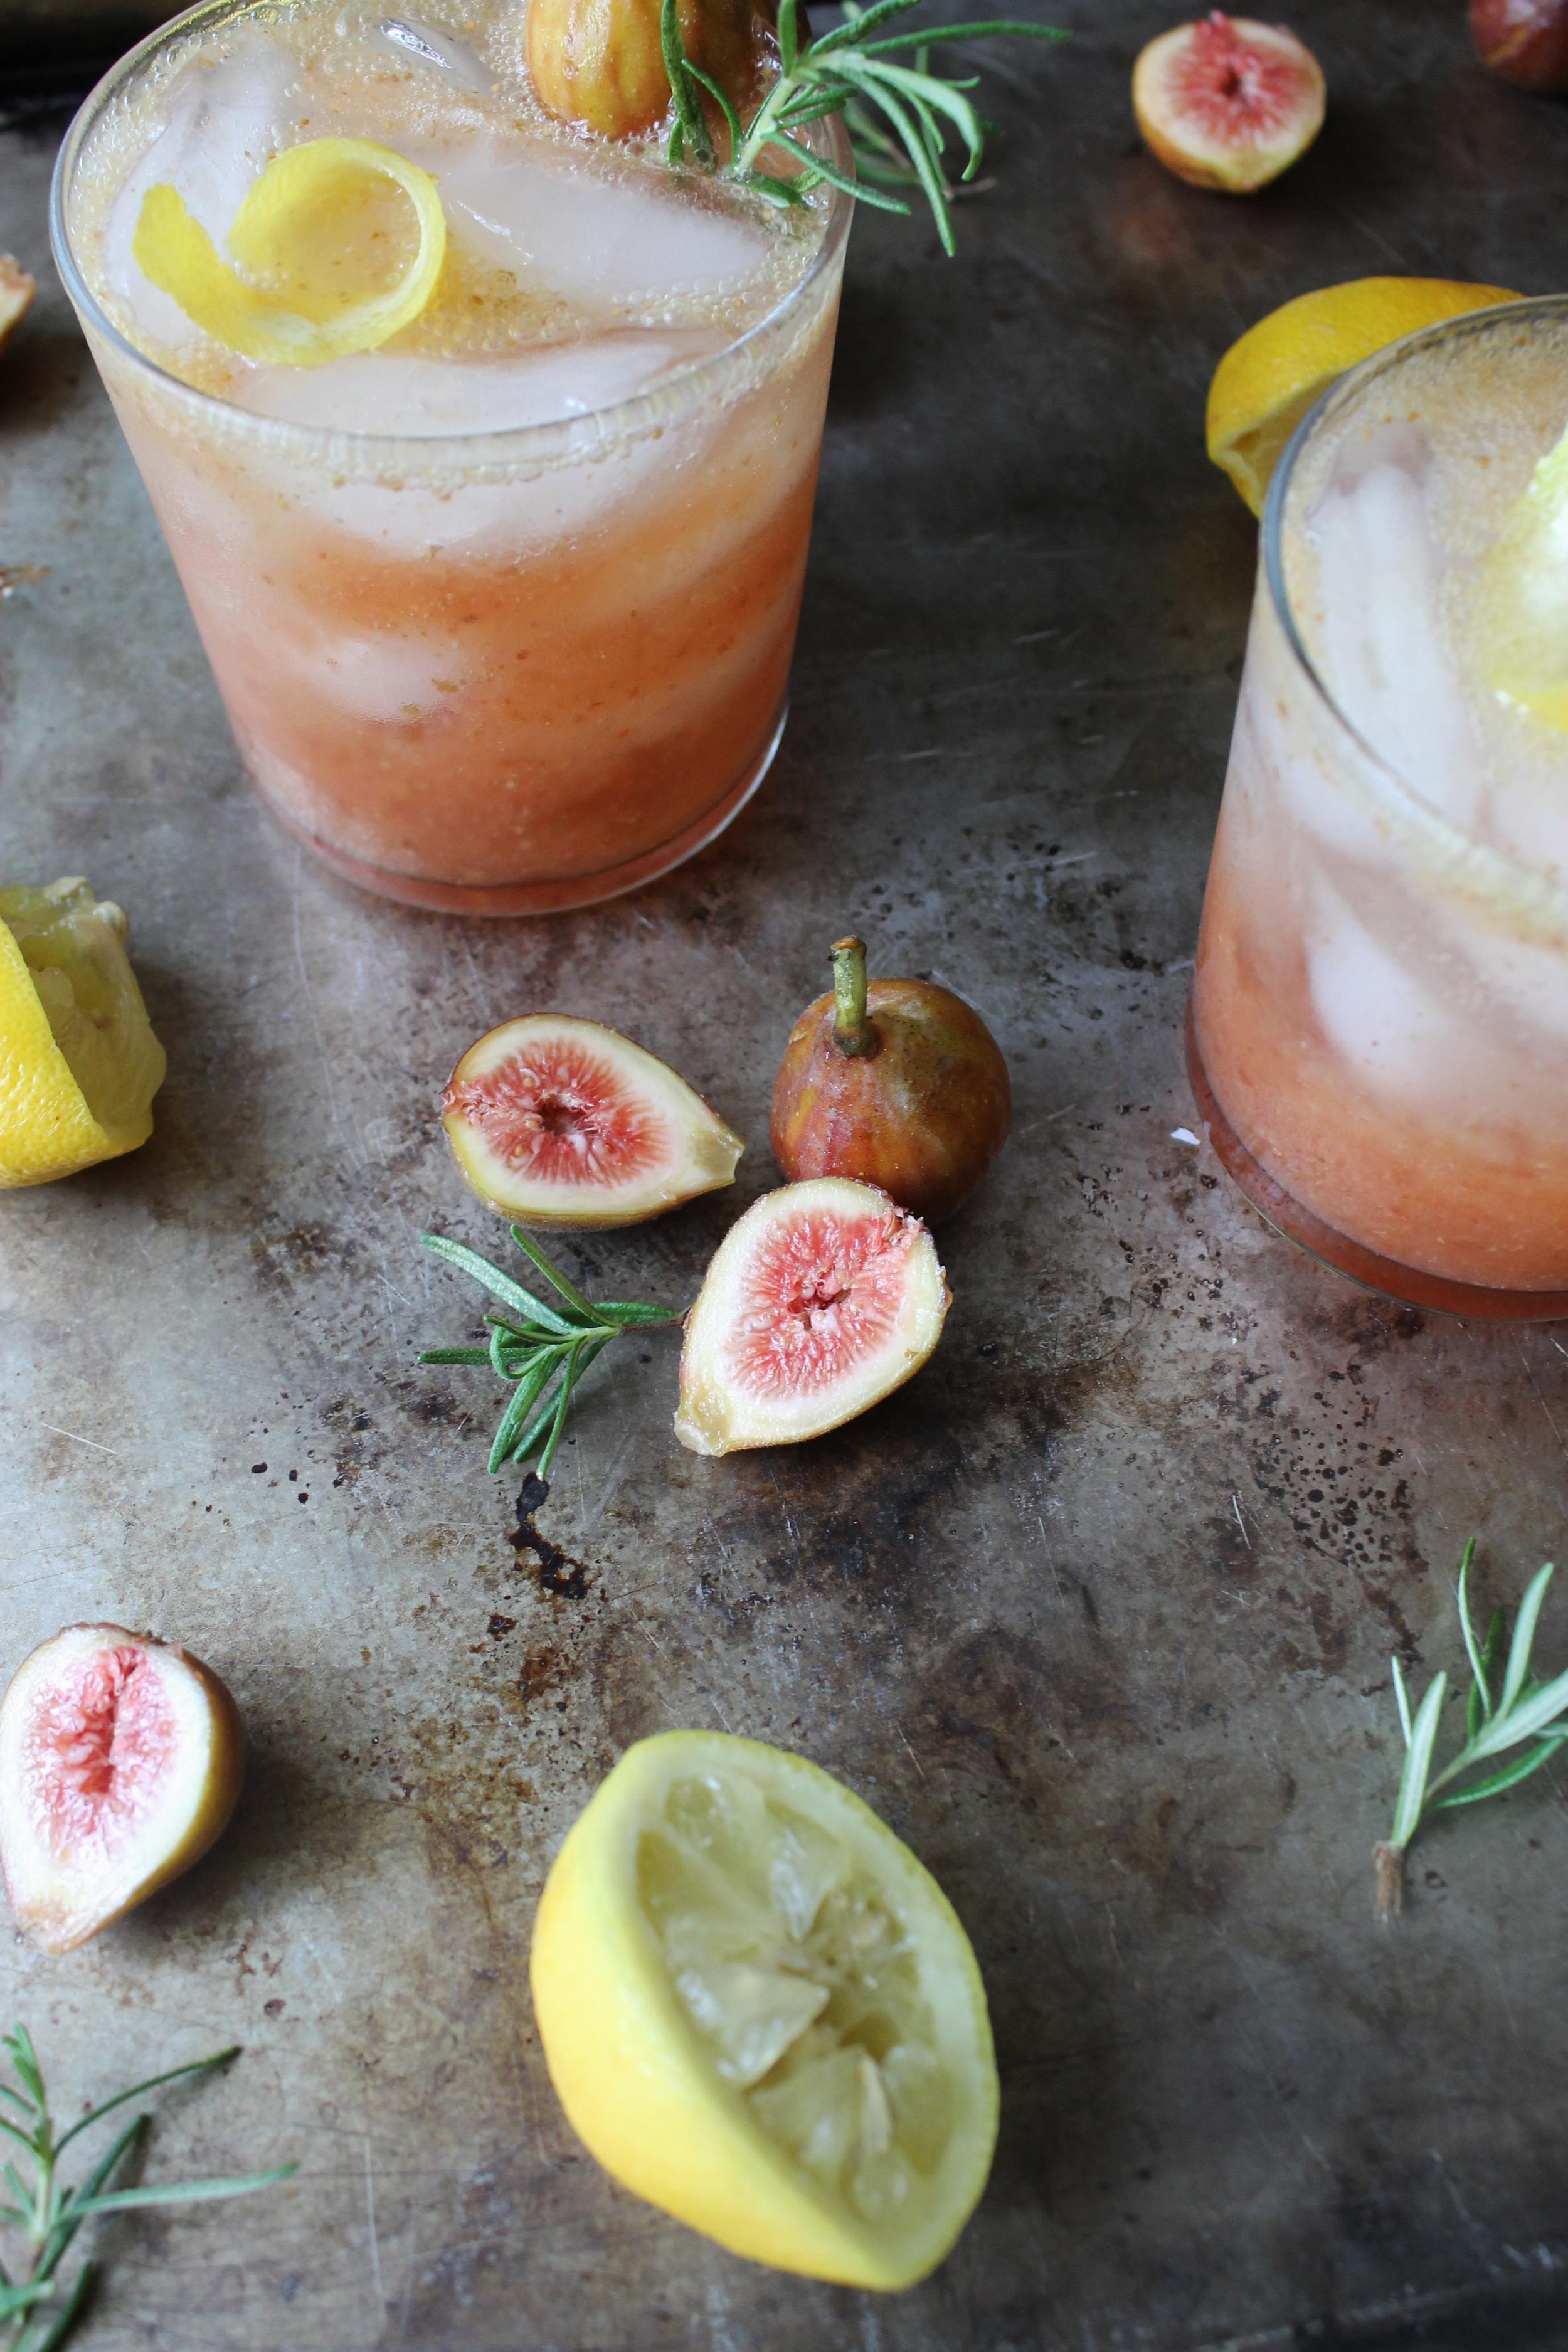 fig lemon and rosemary cocktail.jpg